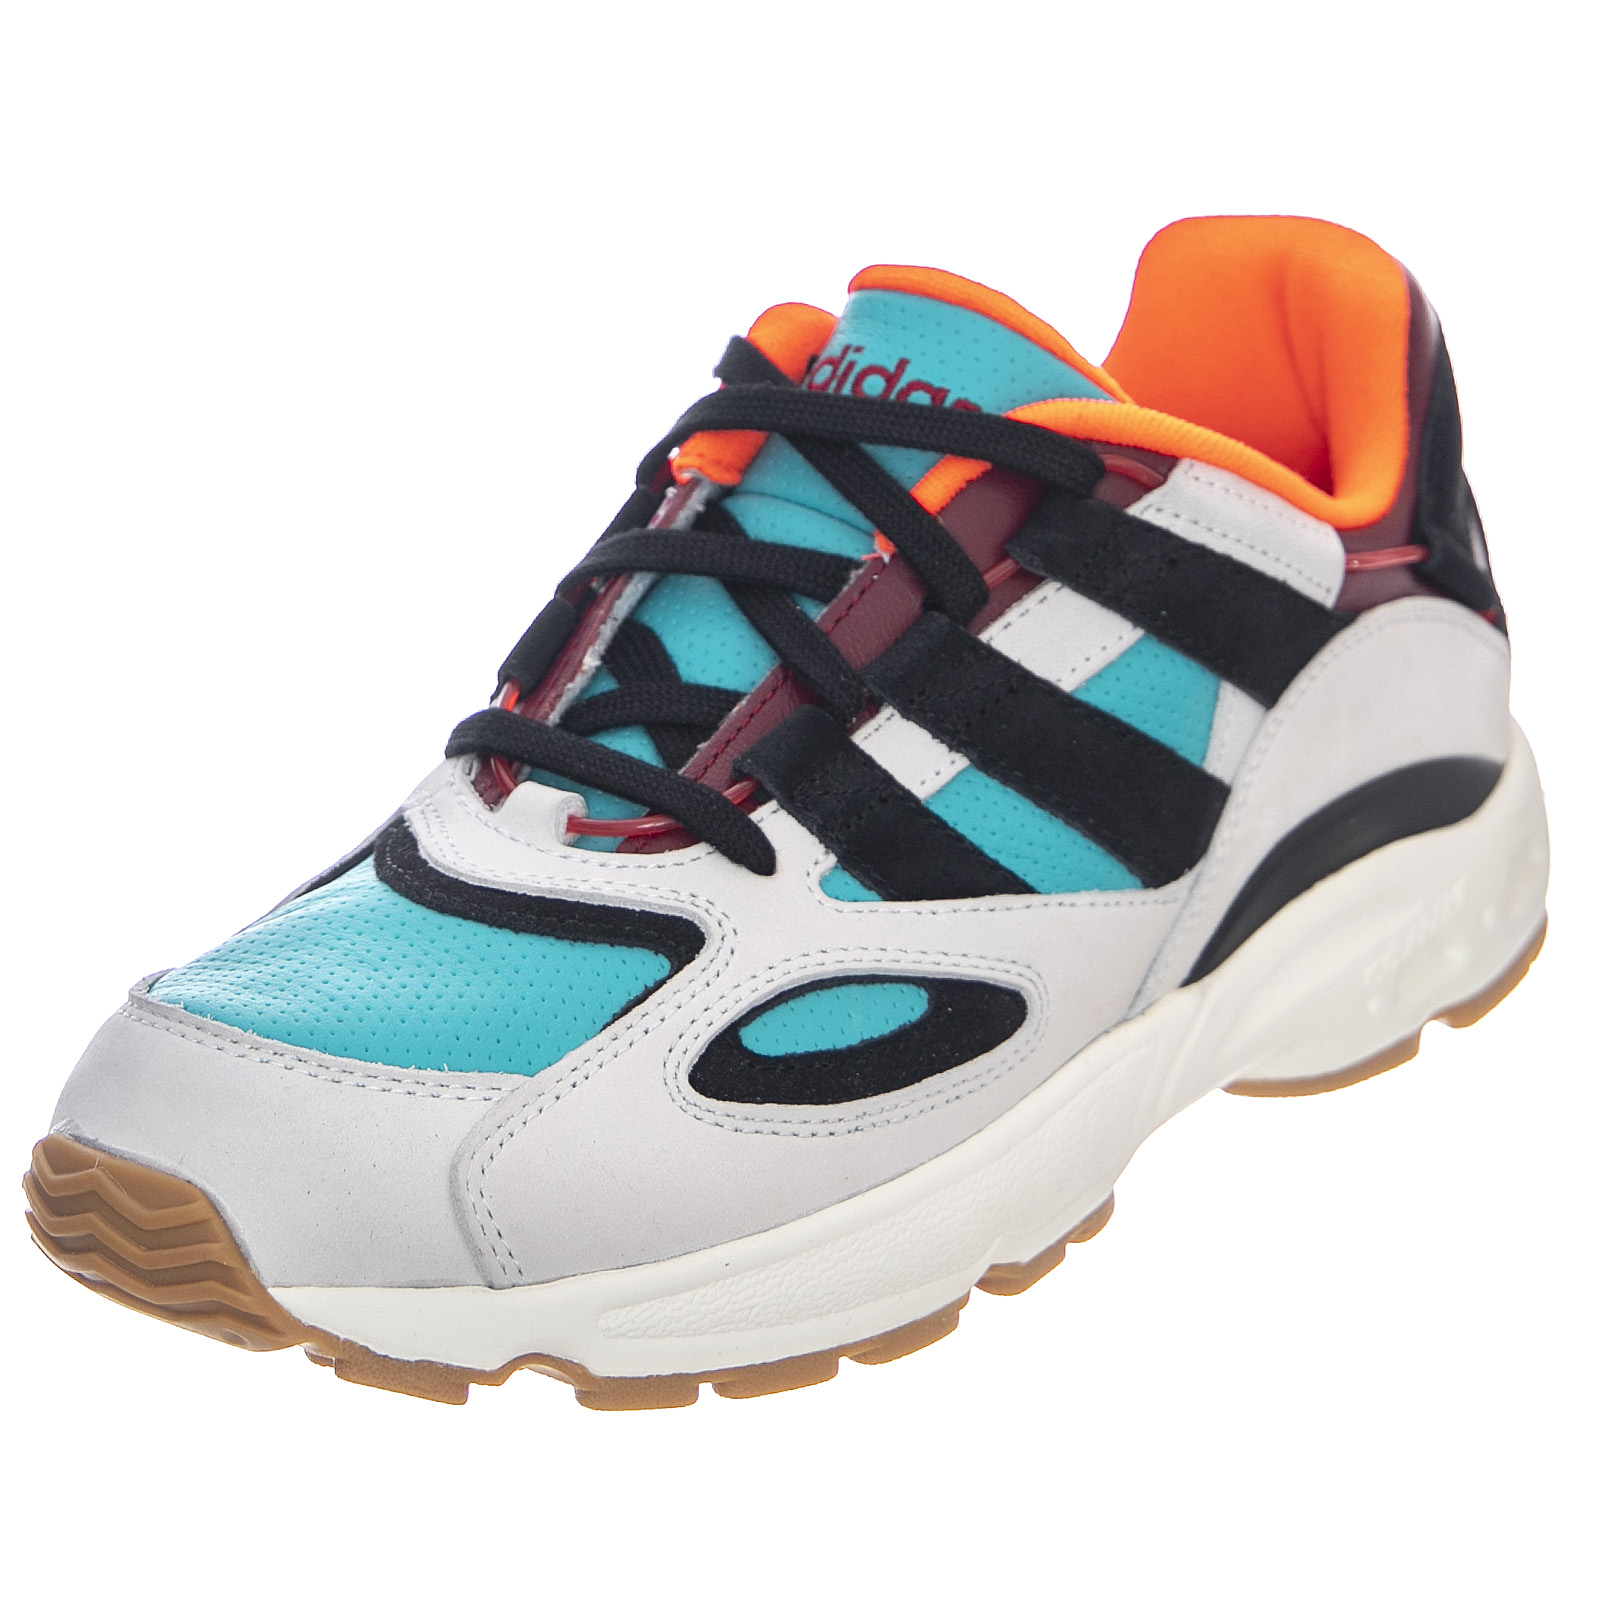 Détails sur Adidas Lxcon 94 Cloud White Core Black Hi Res Aqua Scarpe Basse Uomo